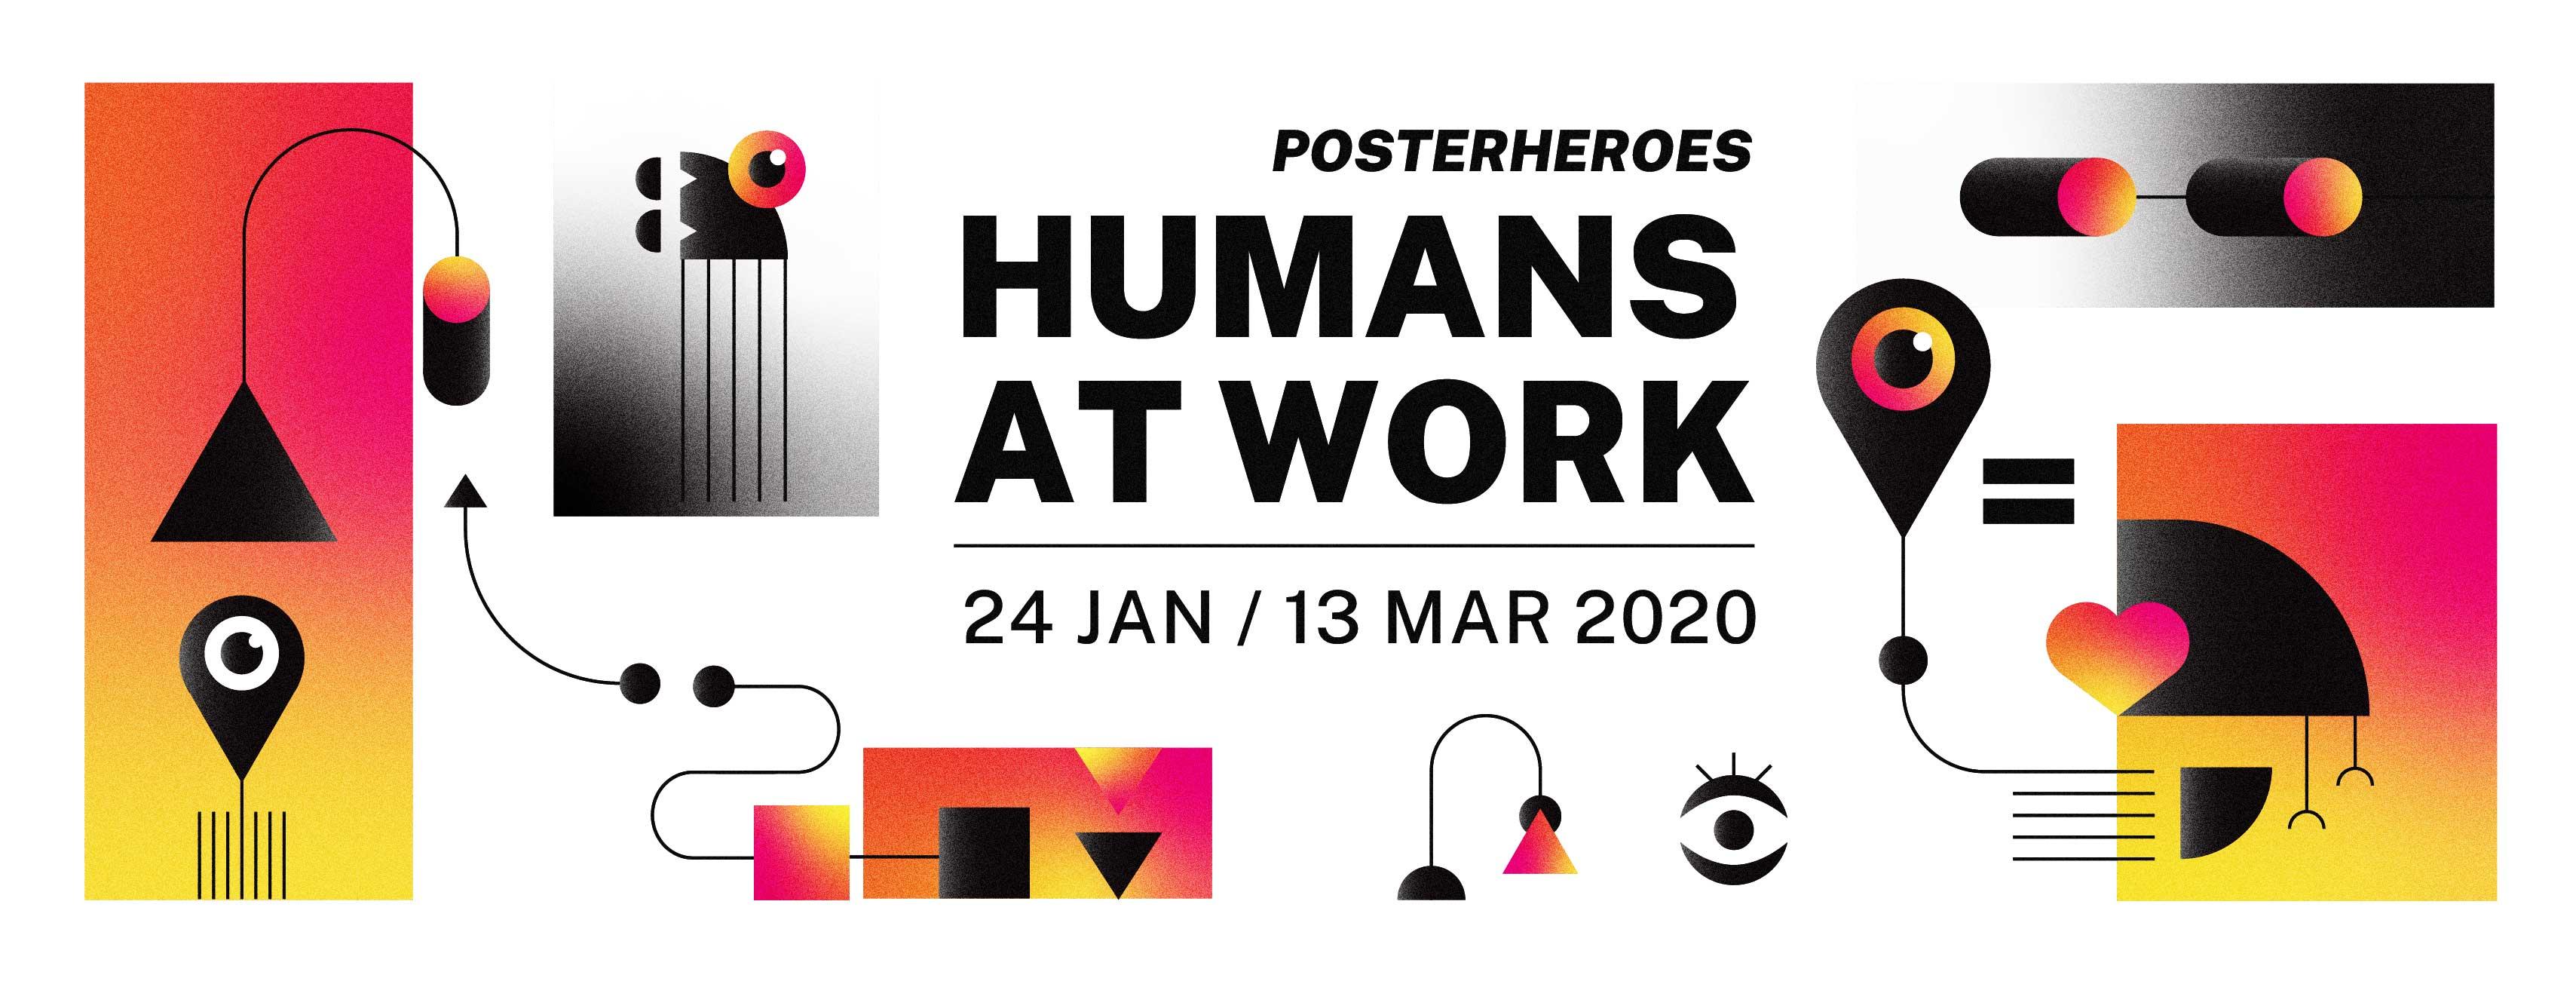 2020 Posterheroes